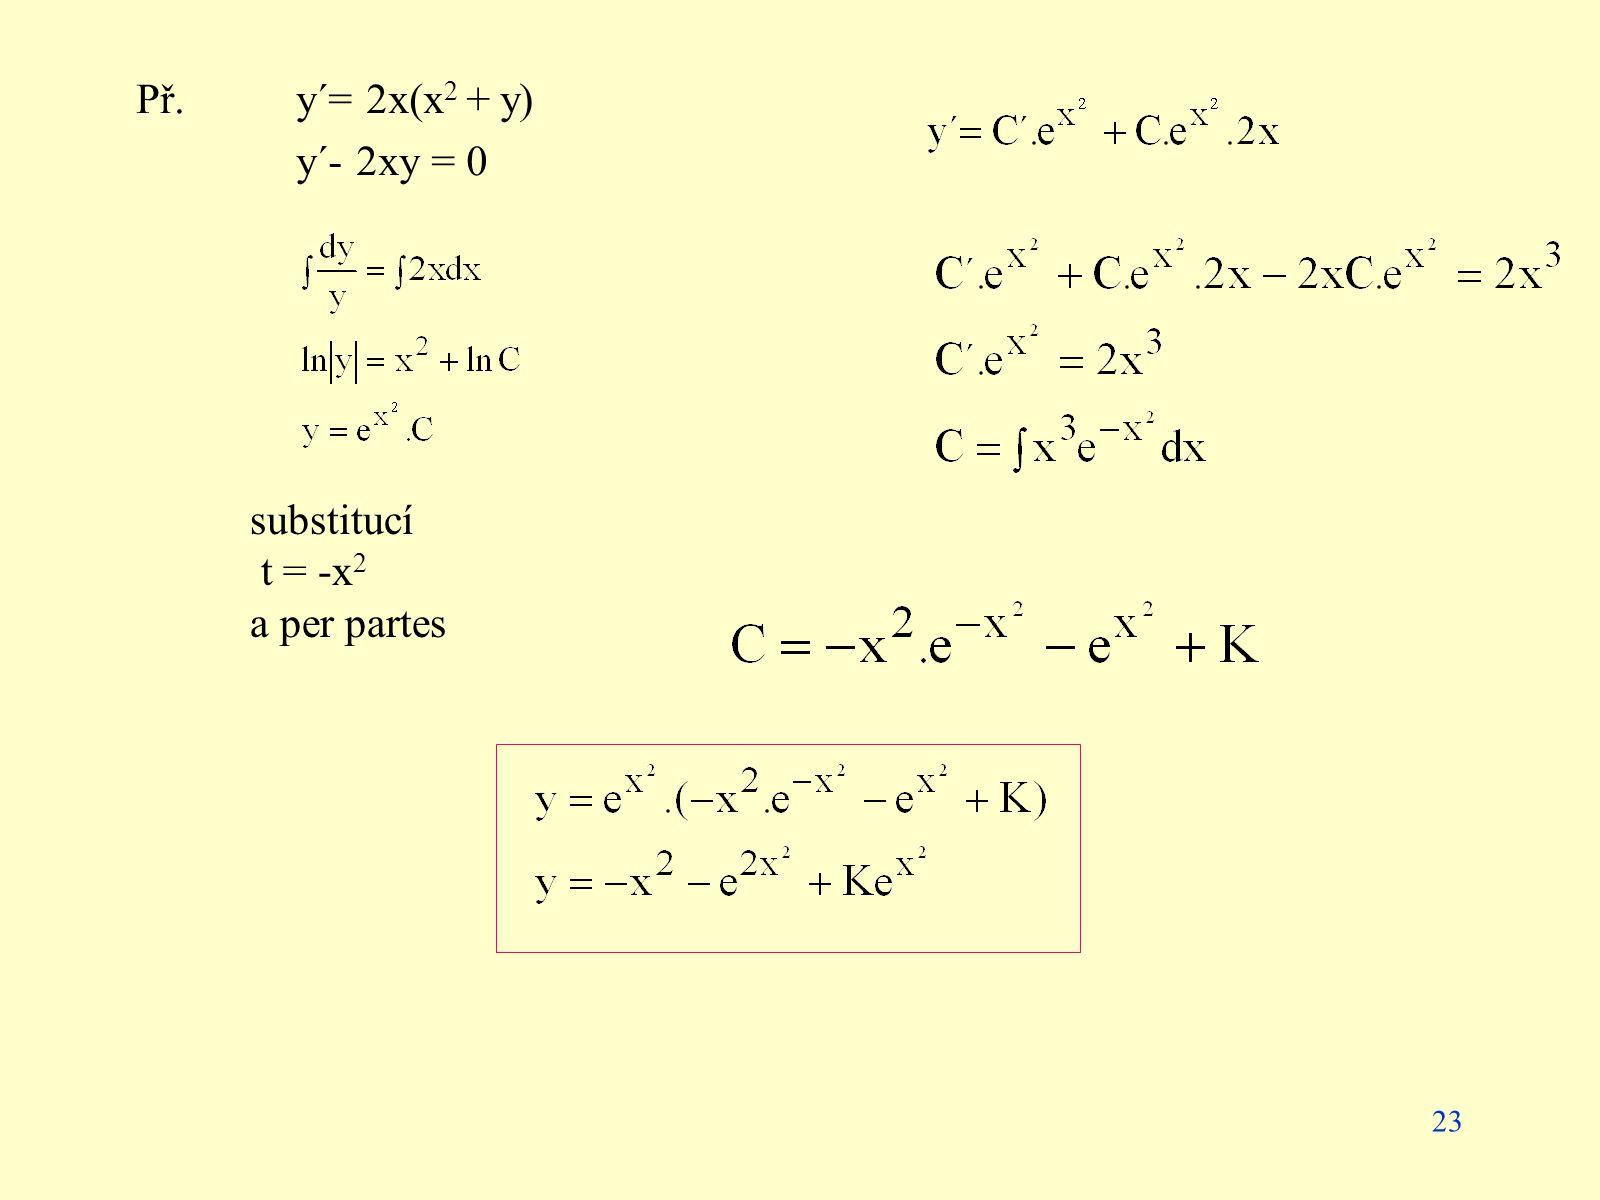 Př. y´= 2x(x2 + y) y´- 2xy = 0 substitucí t = -x2 a per partes